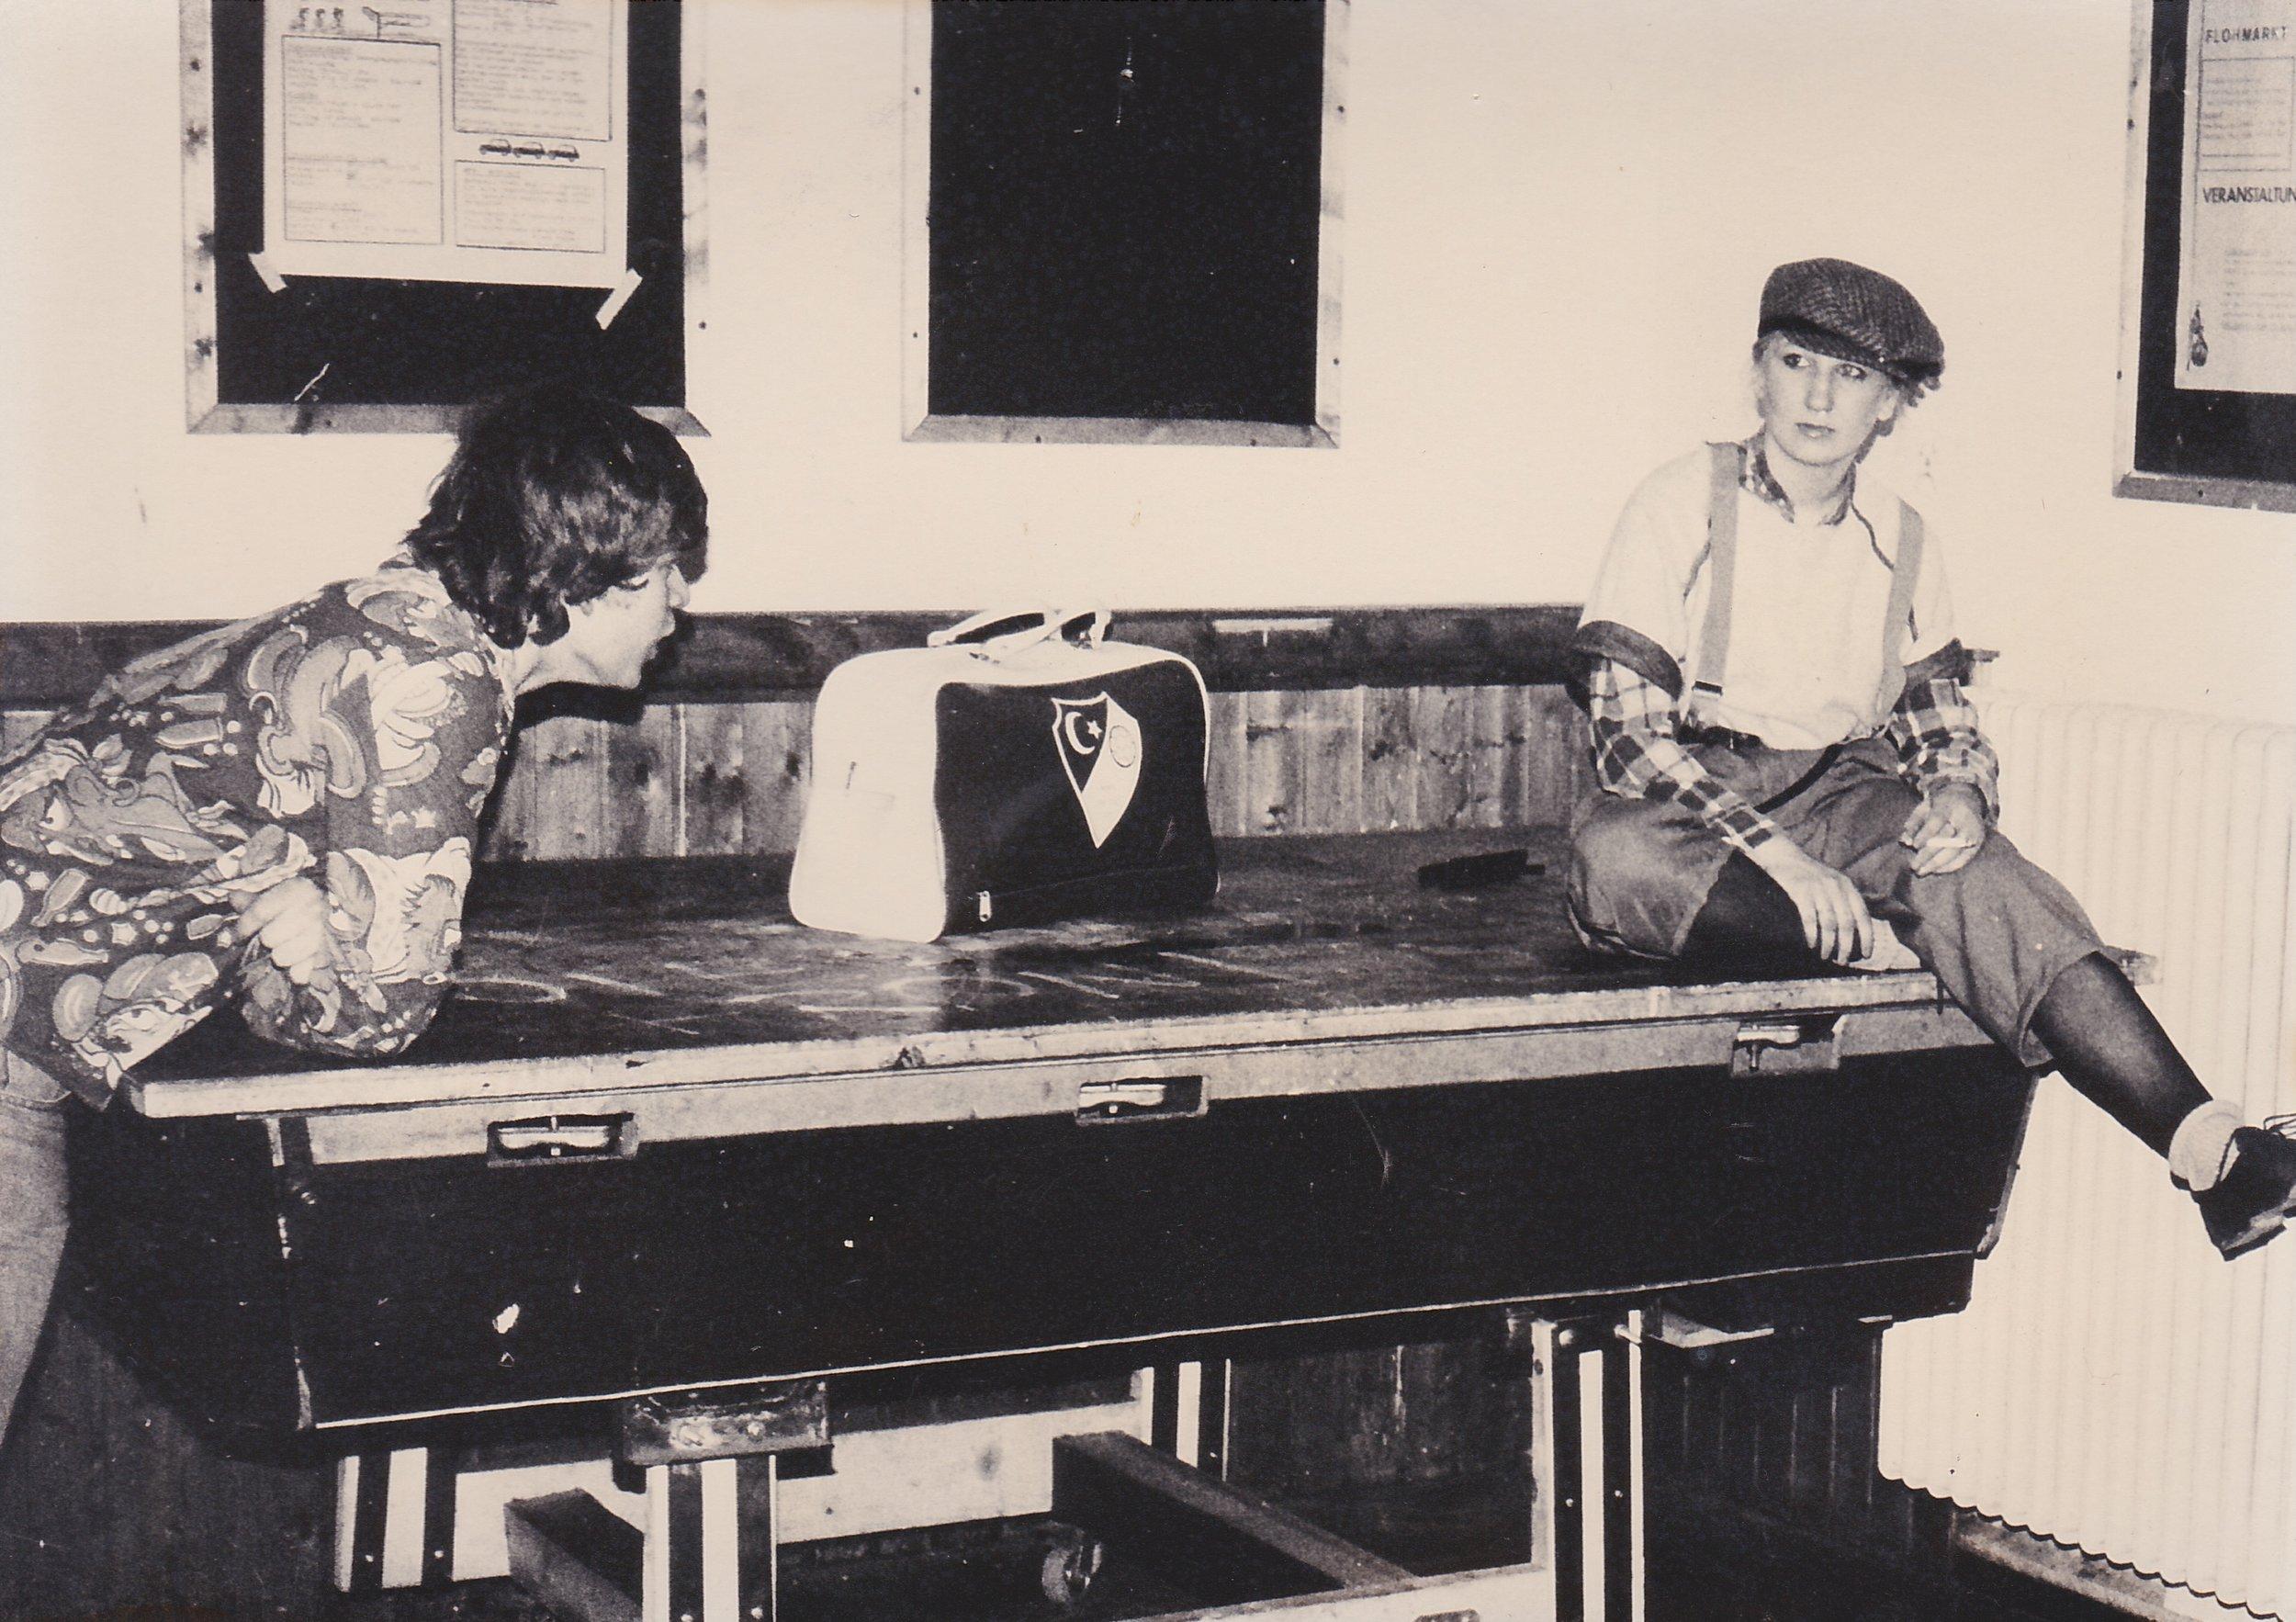 Glocke 1982 junge Frau&Mann.jpg